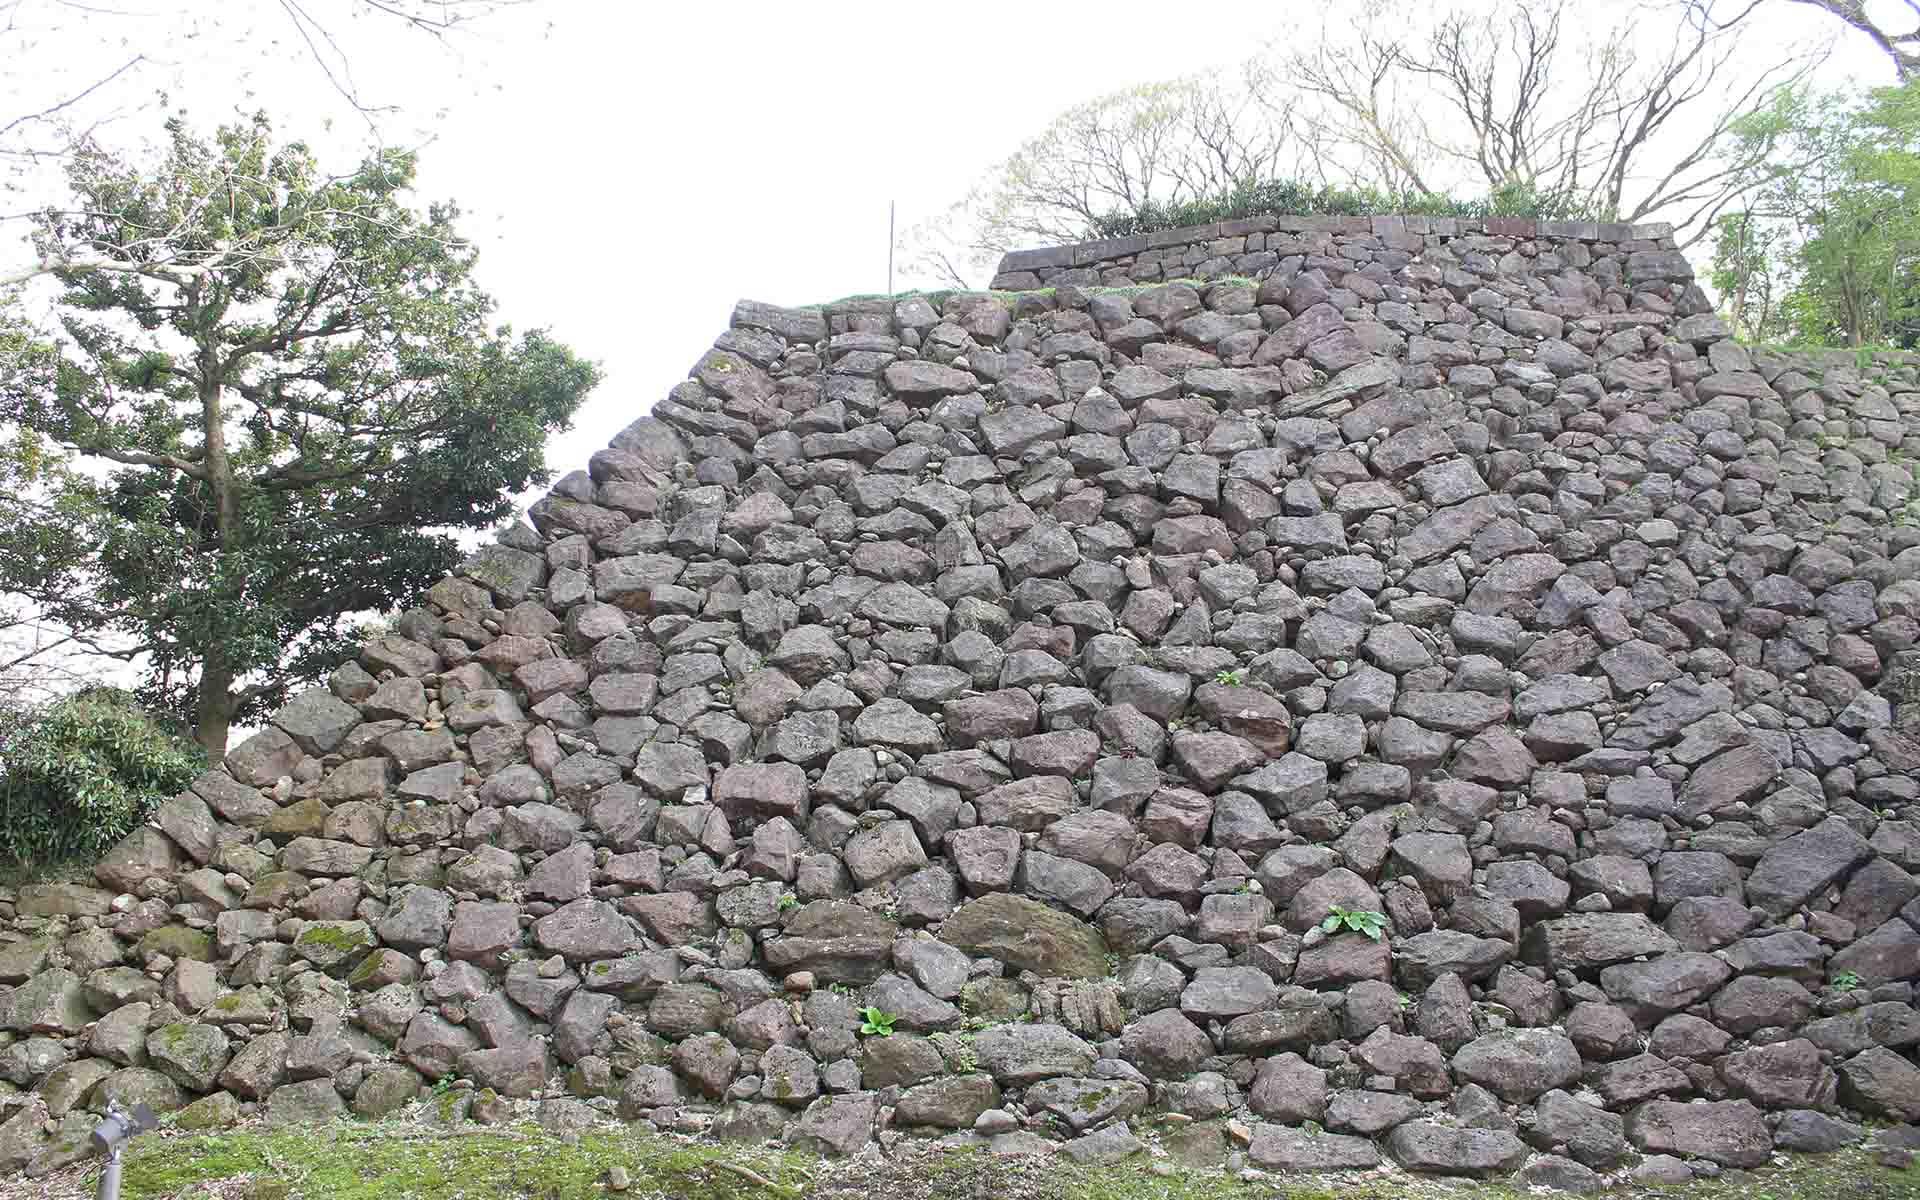 金沢城石垣。東の丸北面石垣。城内で最も古い「自然石積み」技法の石垣。自然石や粗割りしただけの石を緩い勾配で積み上げたもの